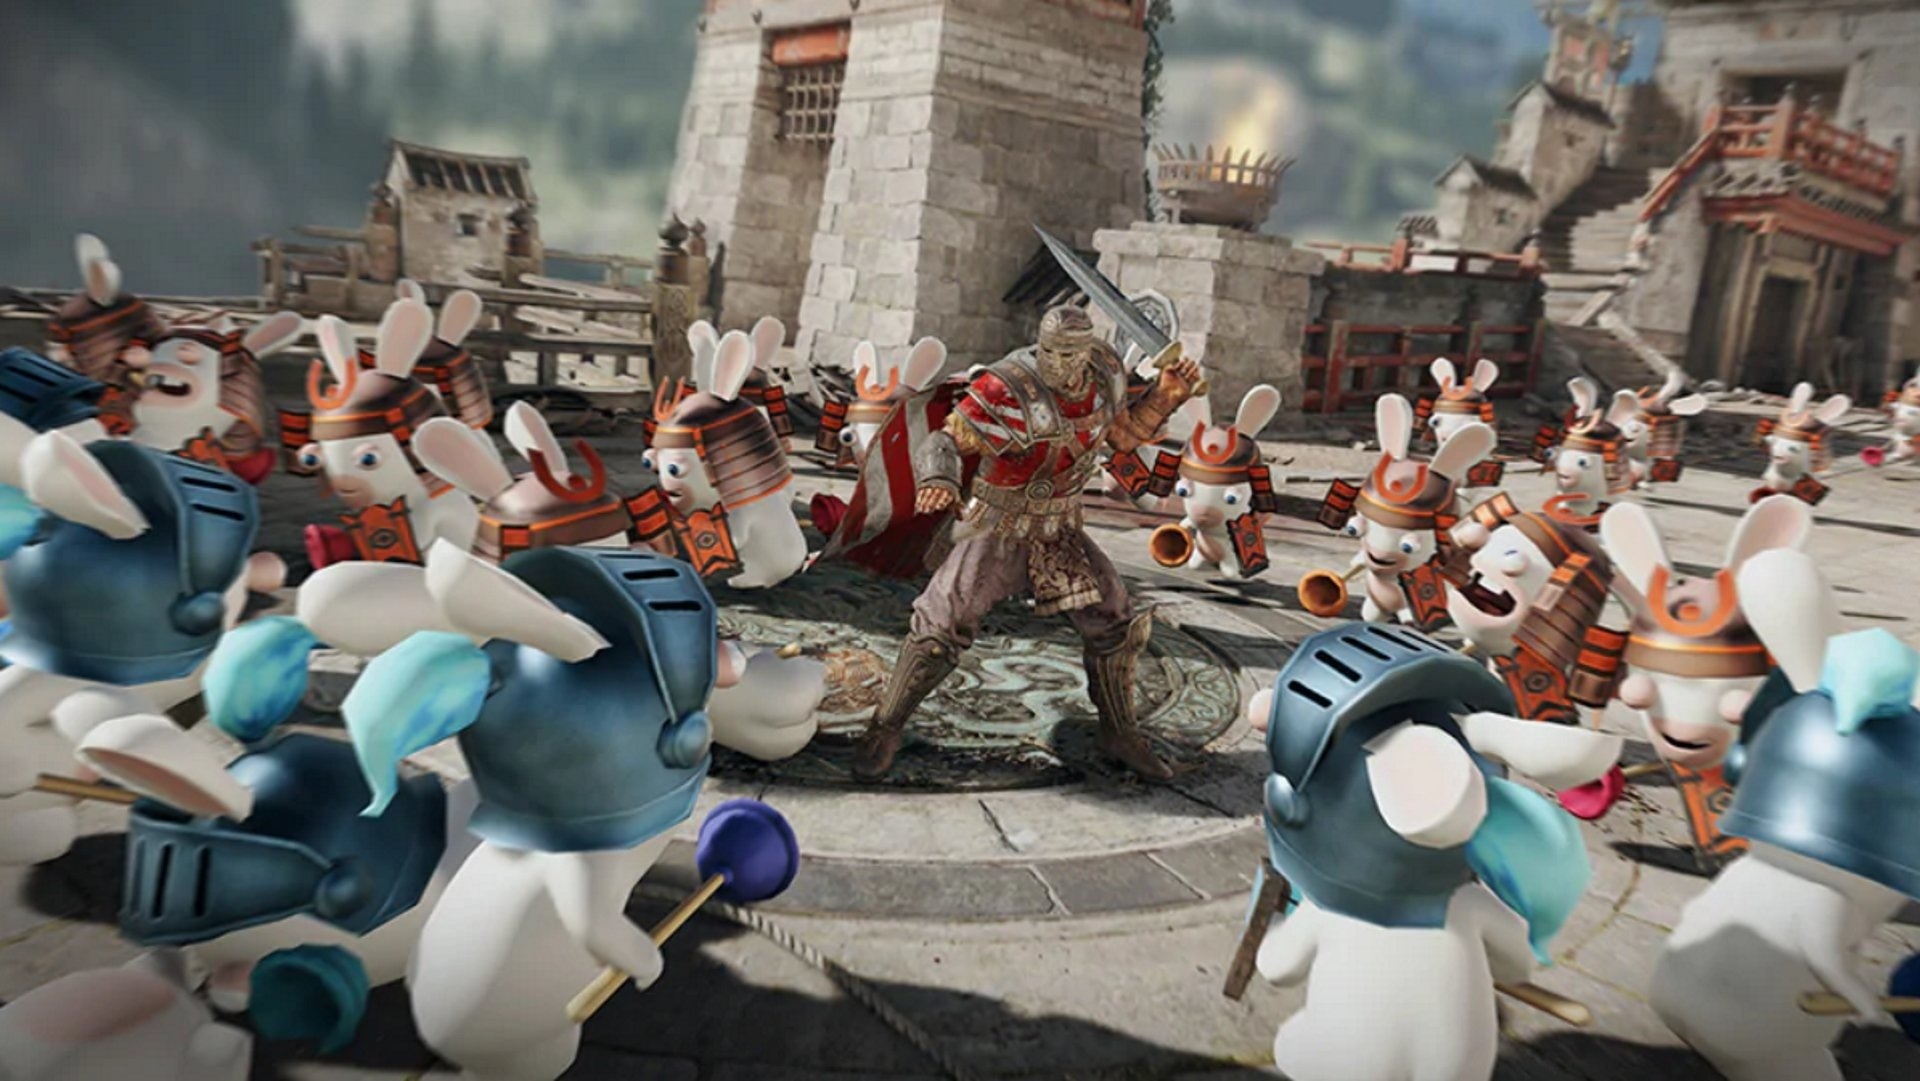 Les Lapins Lapins Crétins descendent sur For Honor en Avril Fools épreuve limitée dans le temps